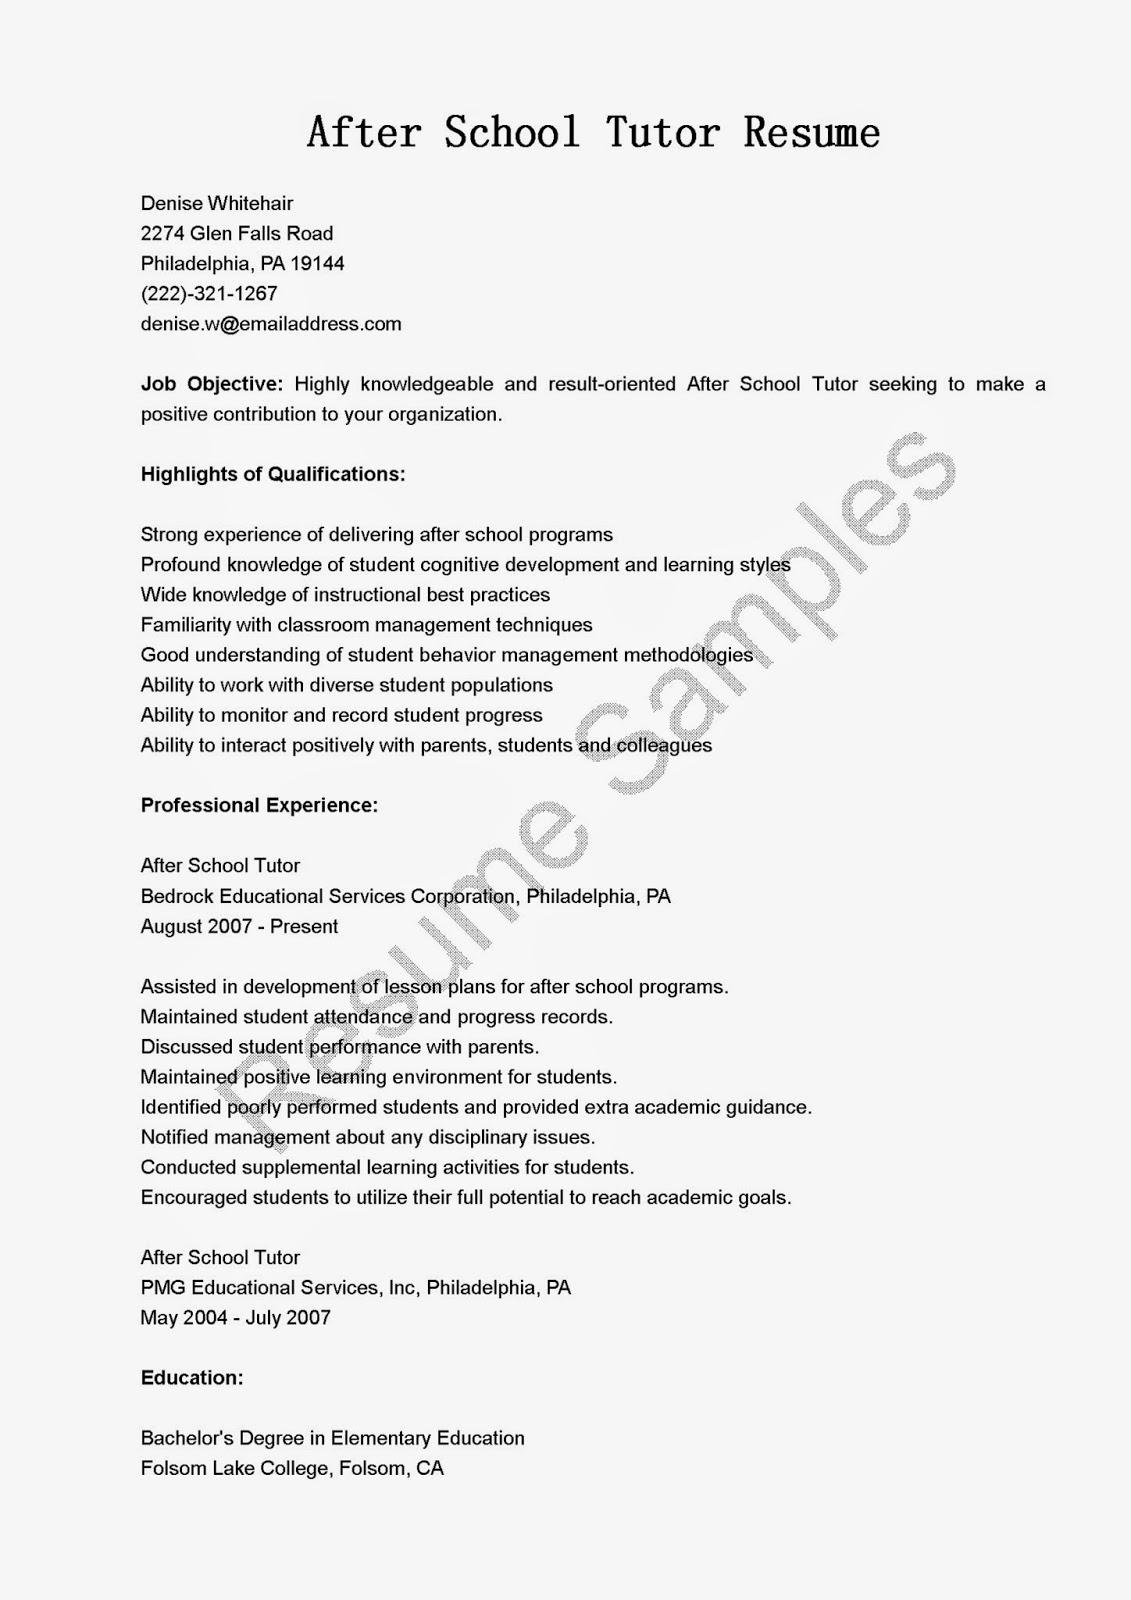 resume samples after school tutor resume sample. Black Bedroom Furniture Sets. Home Design Ideas